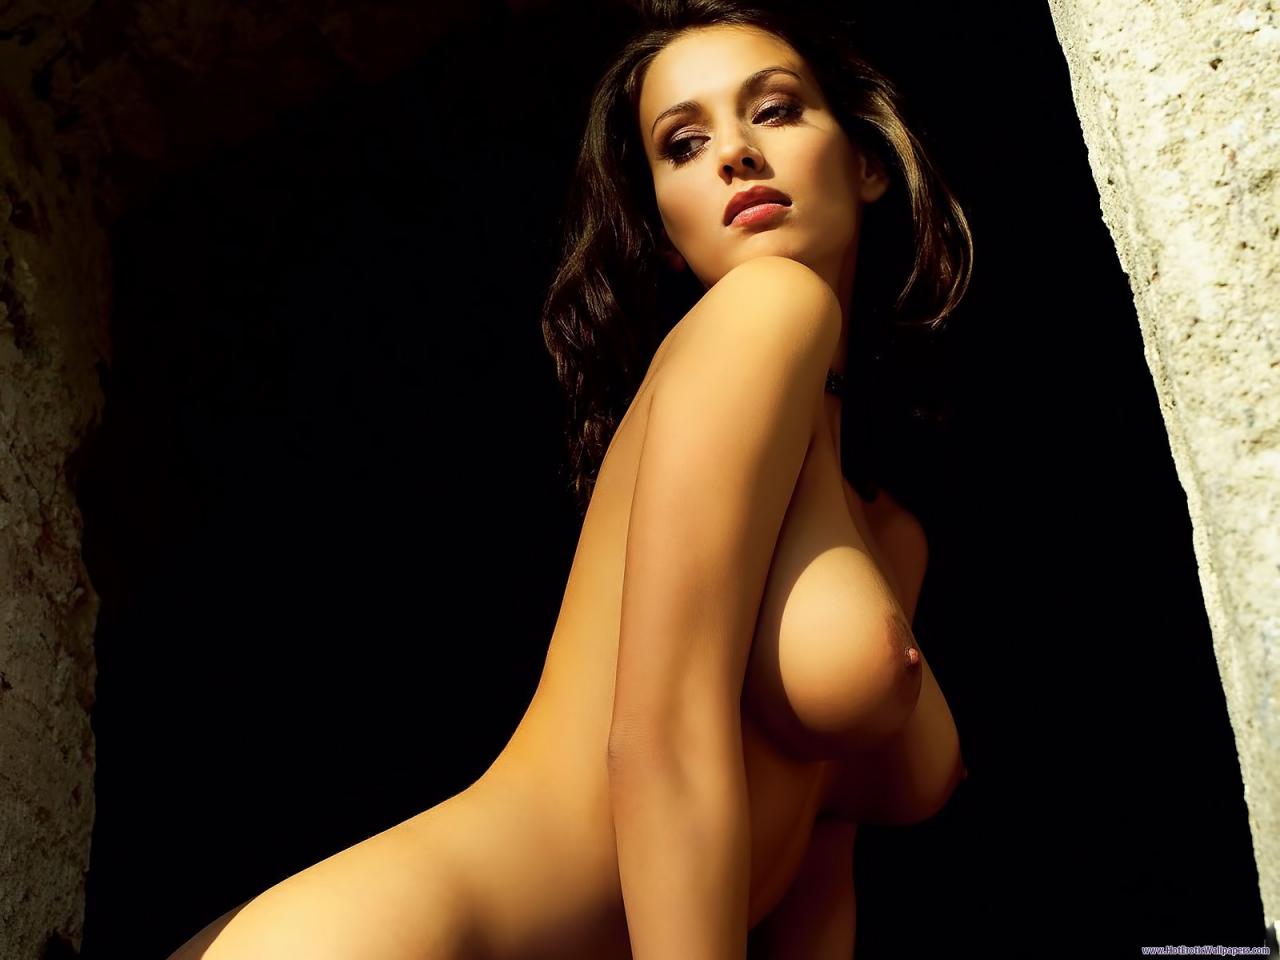 Rosamund Pike Nude Pkotos